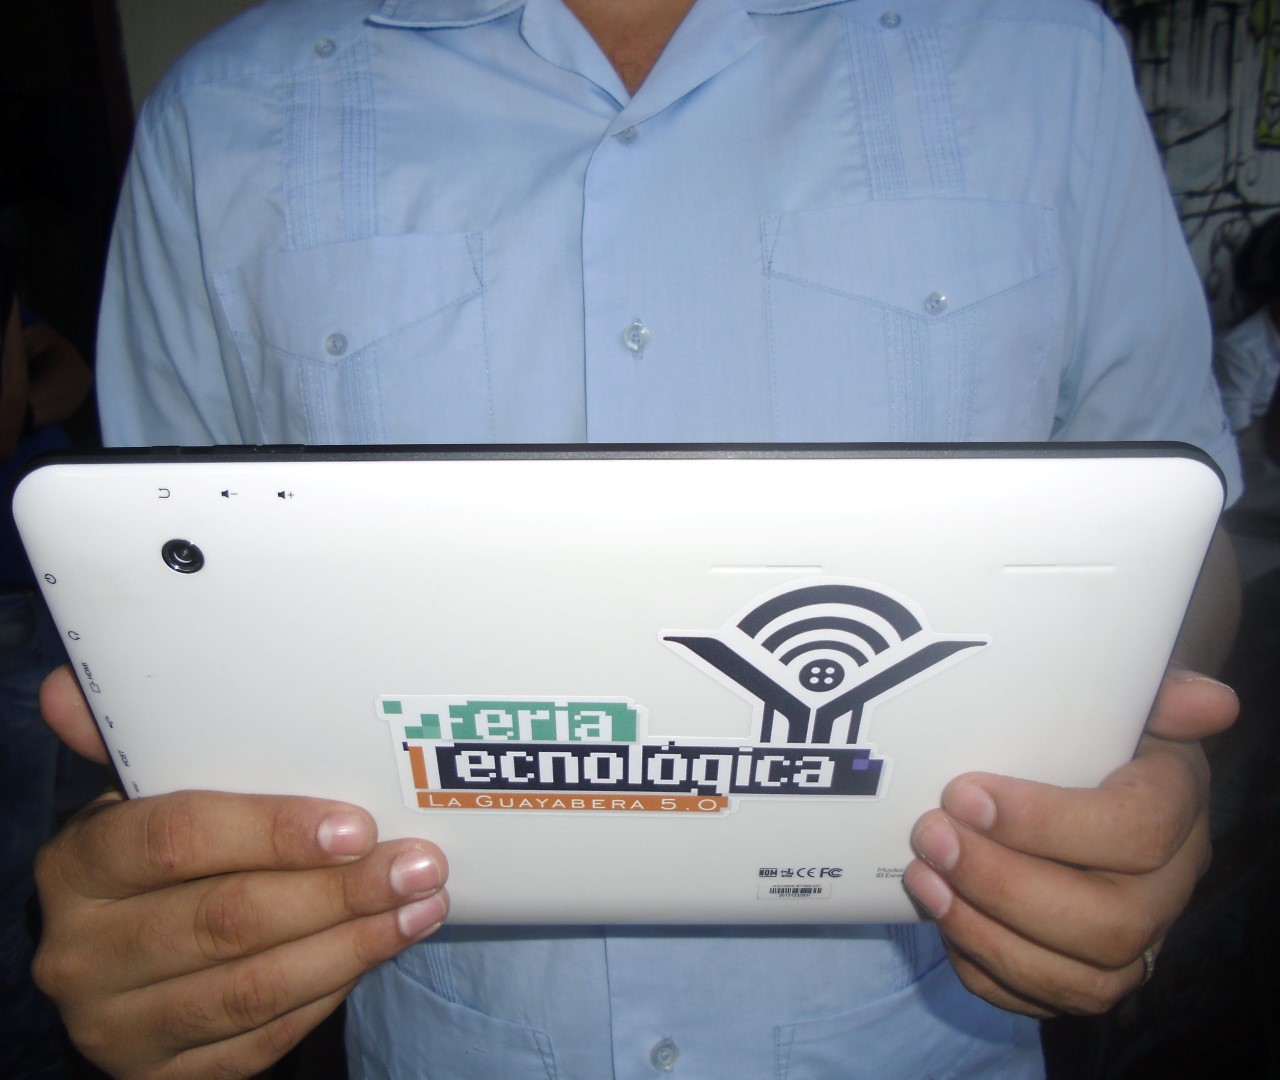 feria-tecnologica-guayabera